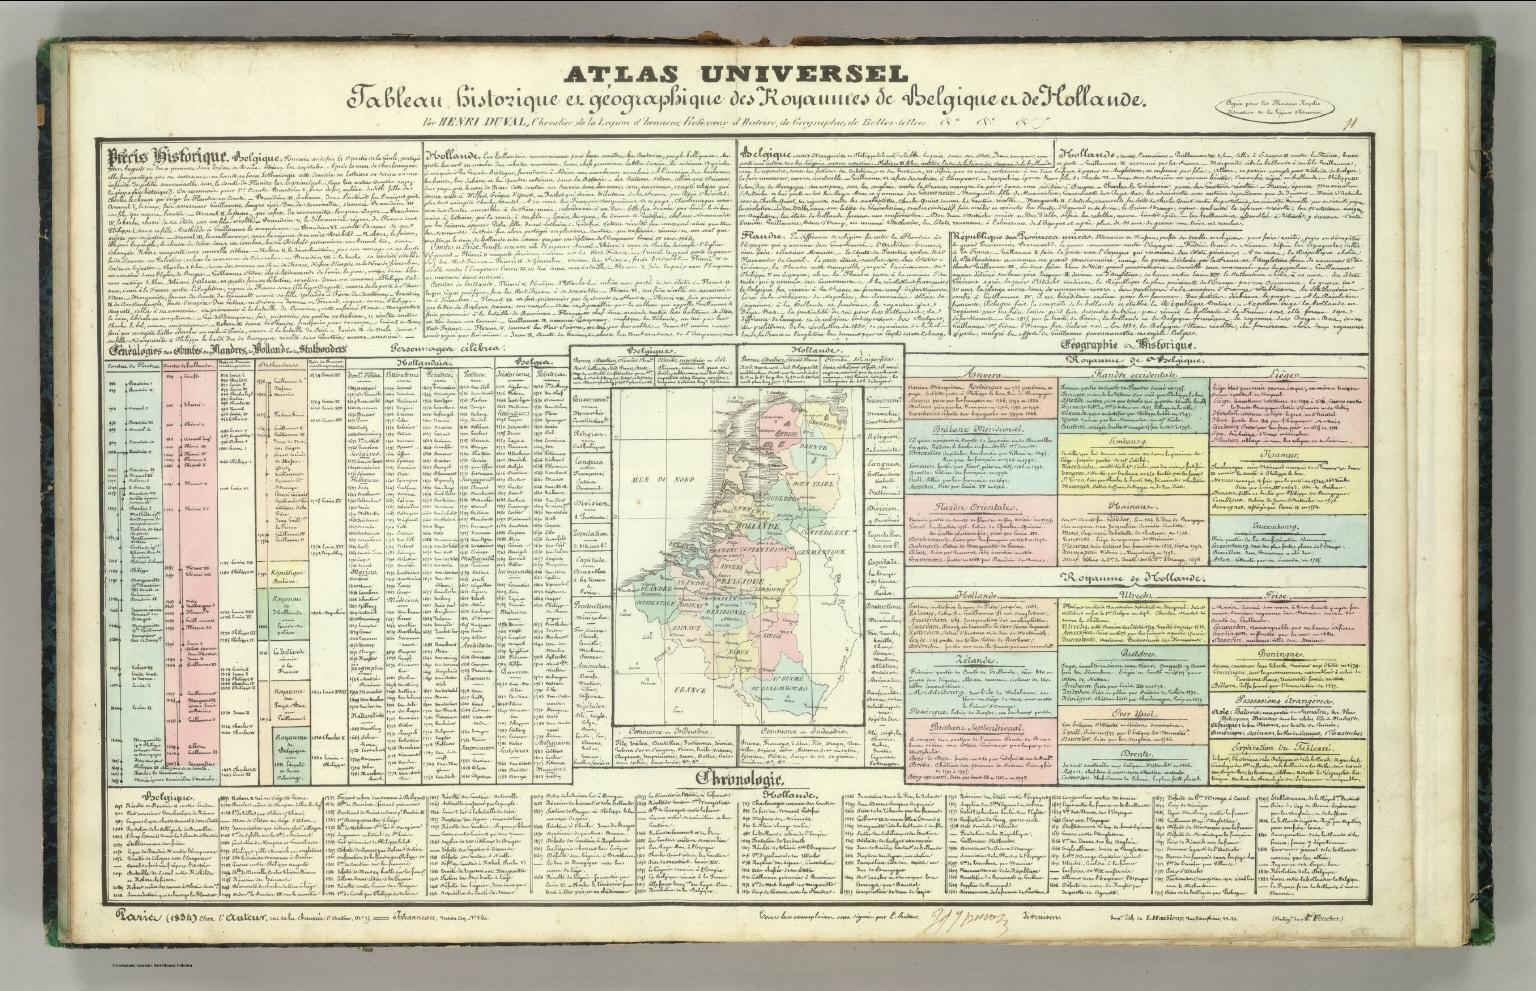 Tableau l'historie des Royaumes de Belgique et de Hollande.